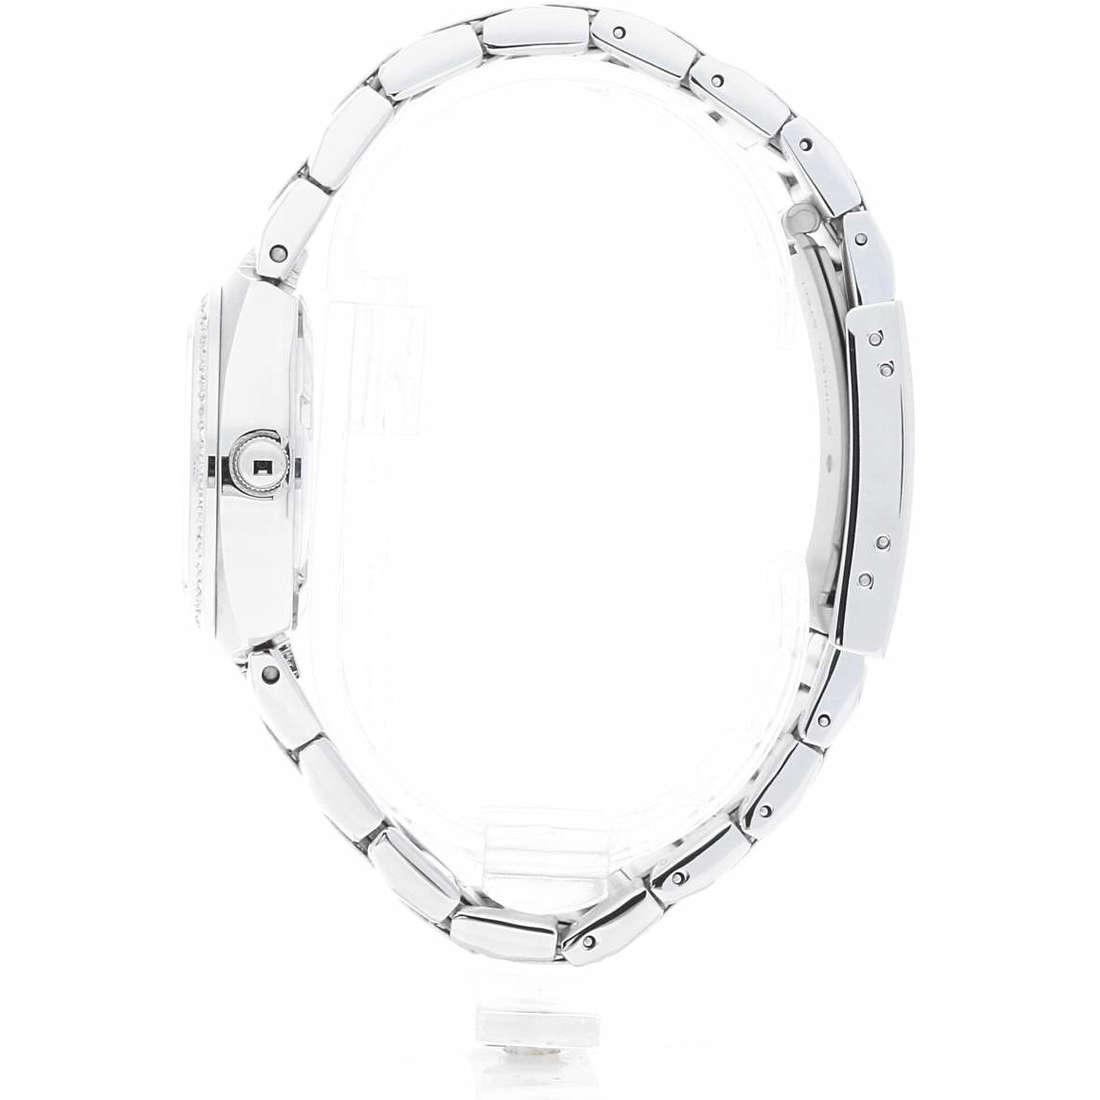 prix montres femme Fossil AM4141